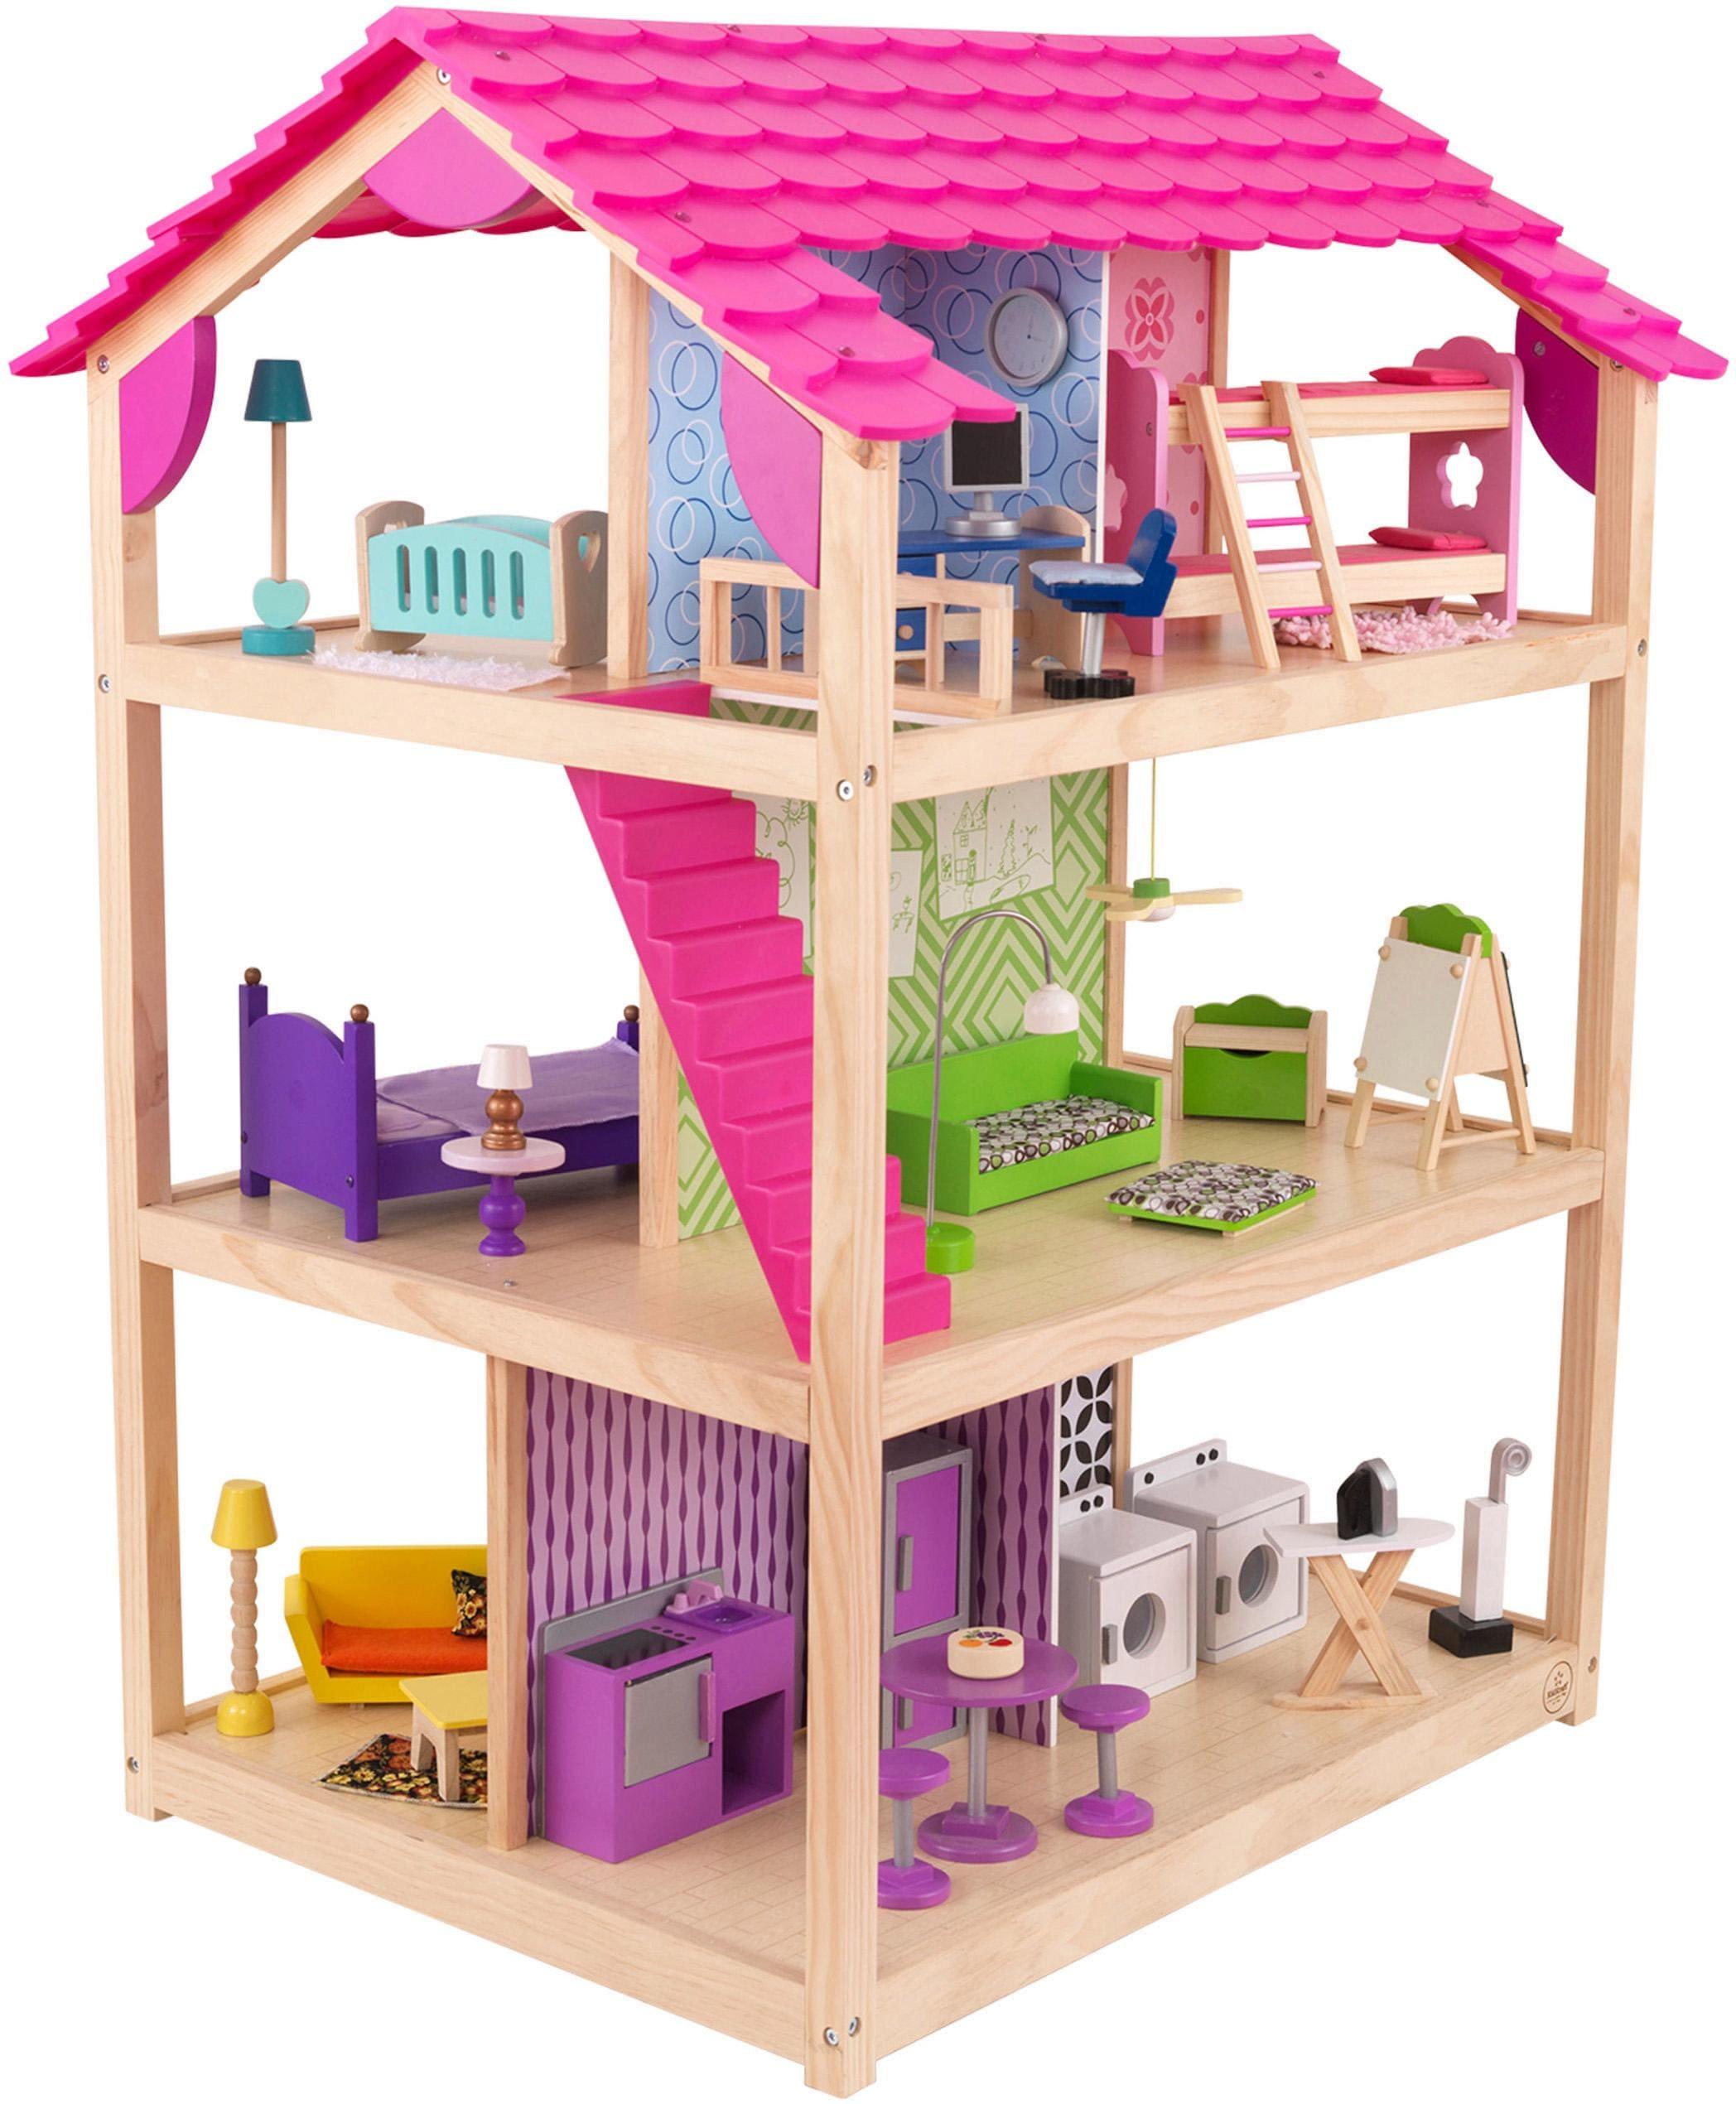 """KidKraft Puppenhaus """"So chic"""" Kindermode/Spielzeug/Puppen/Puppenhaus"""